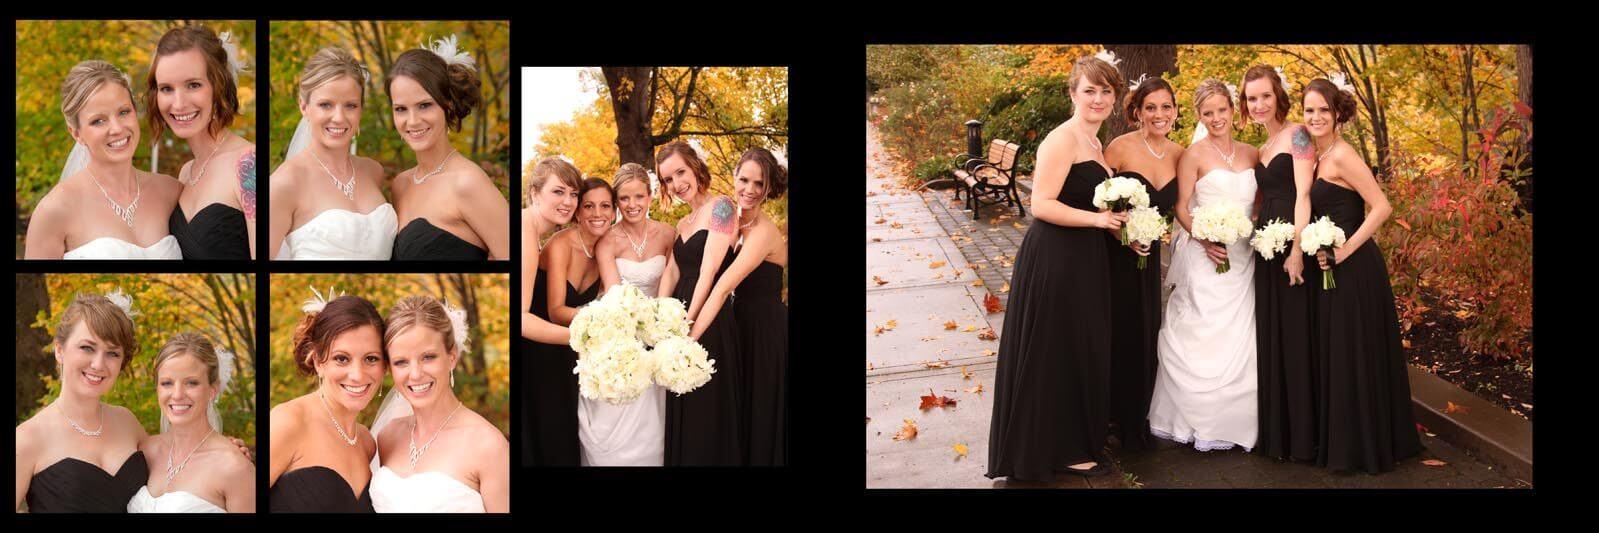 The-Vue-Indoor-Wedding-Venue-Corvallis-Oregon-wedding-photographers018-019.jpg